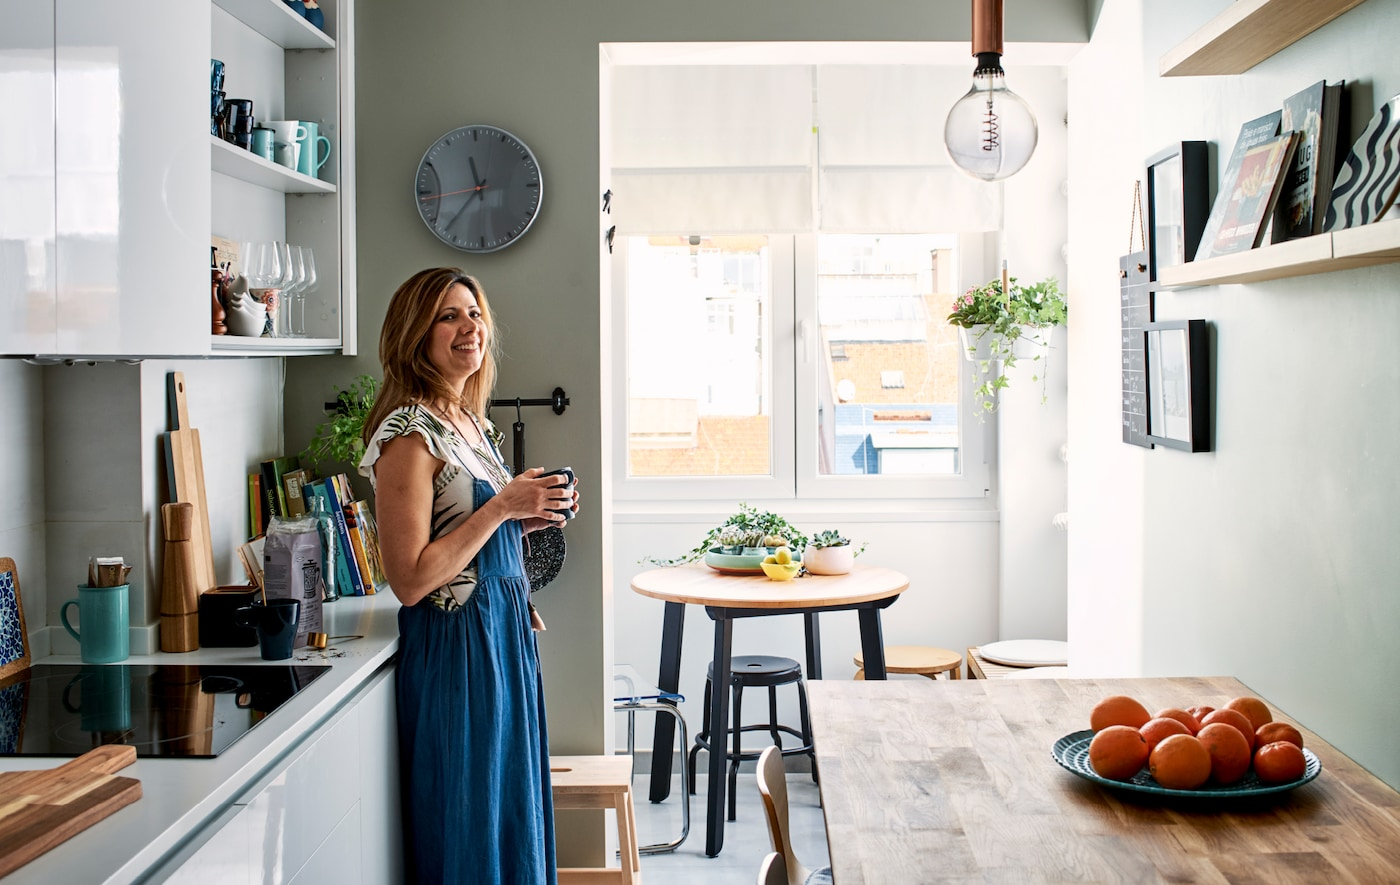 Una donna in una cucina in stile cambusa con ante bianche, un tavolo bar in legno e una piccola zona pranzo in fondo - IKEA